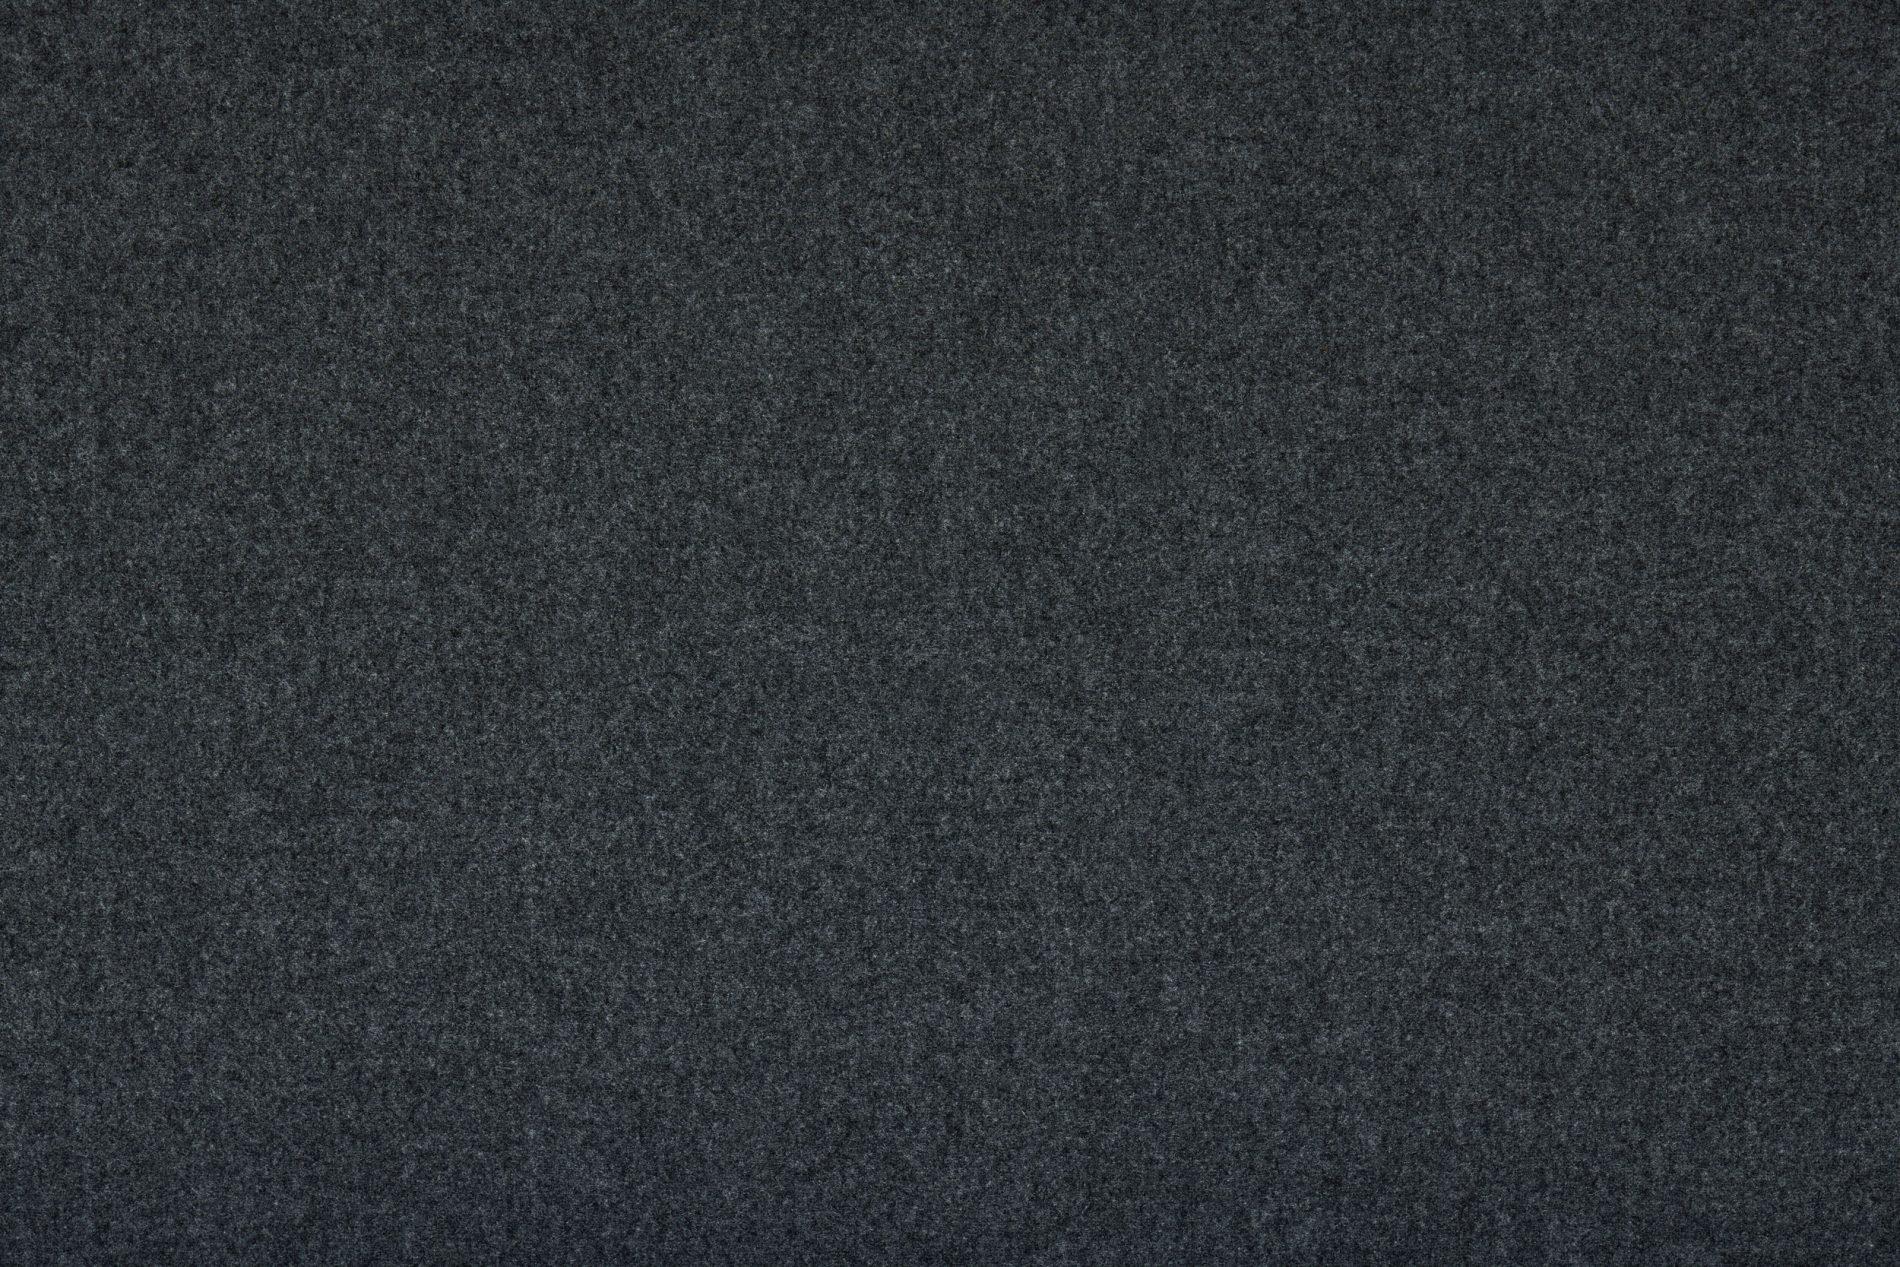 PURE 540 Plain Merino wool (16/8003)